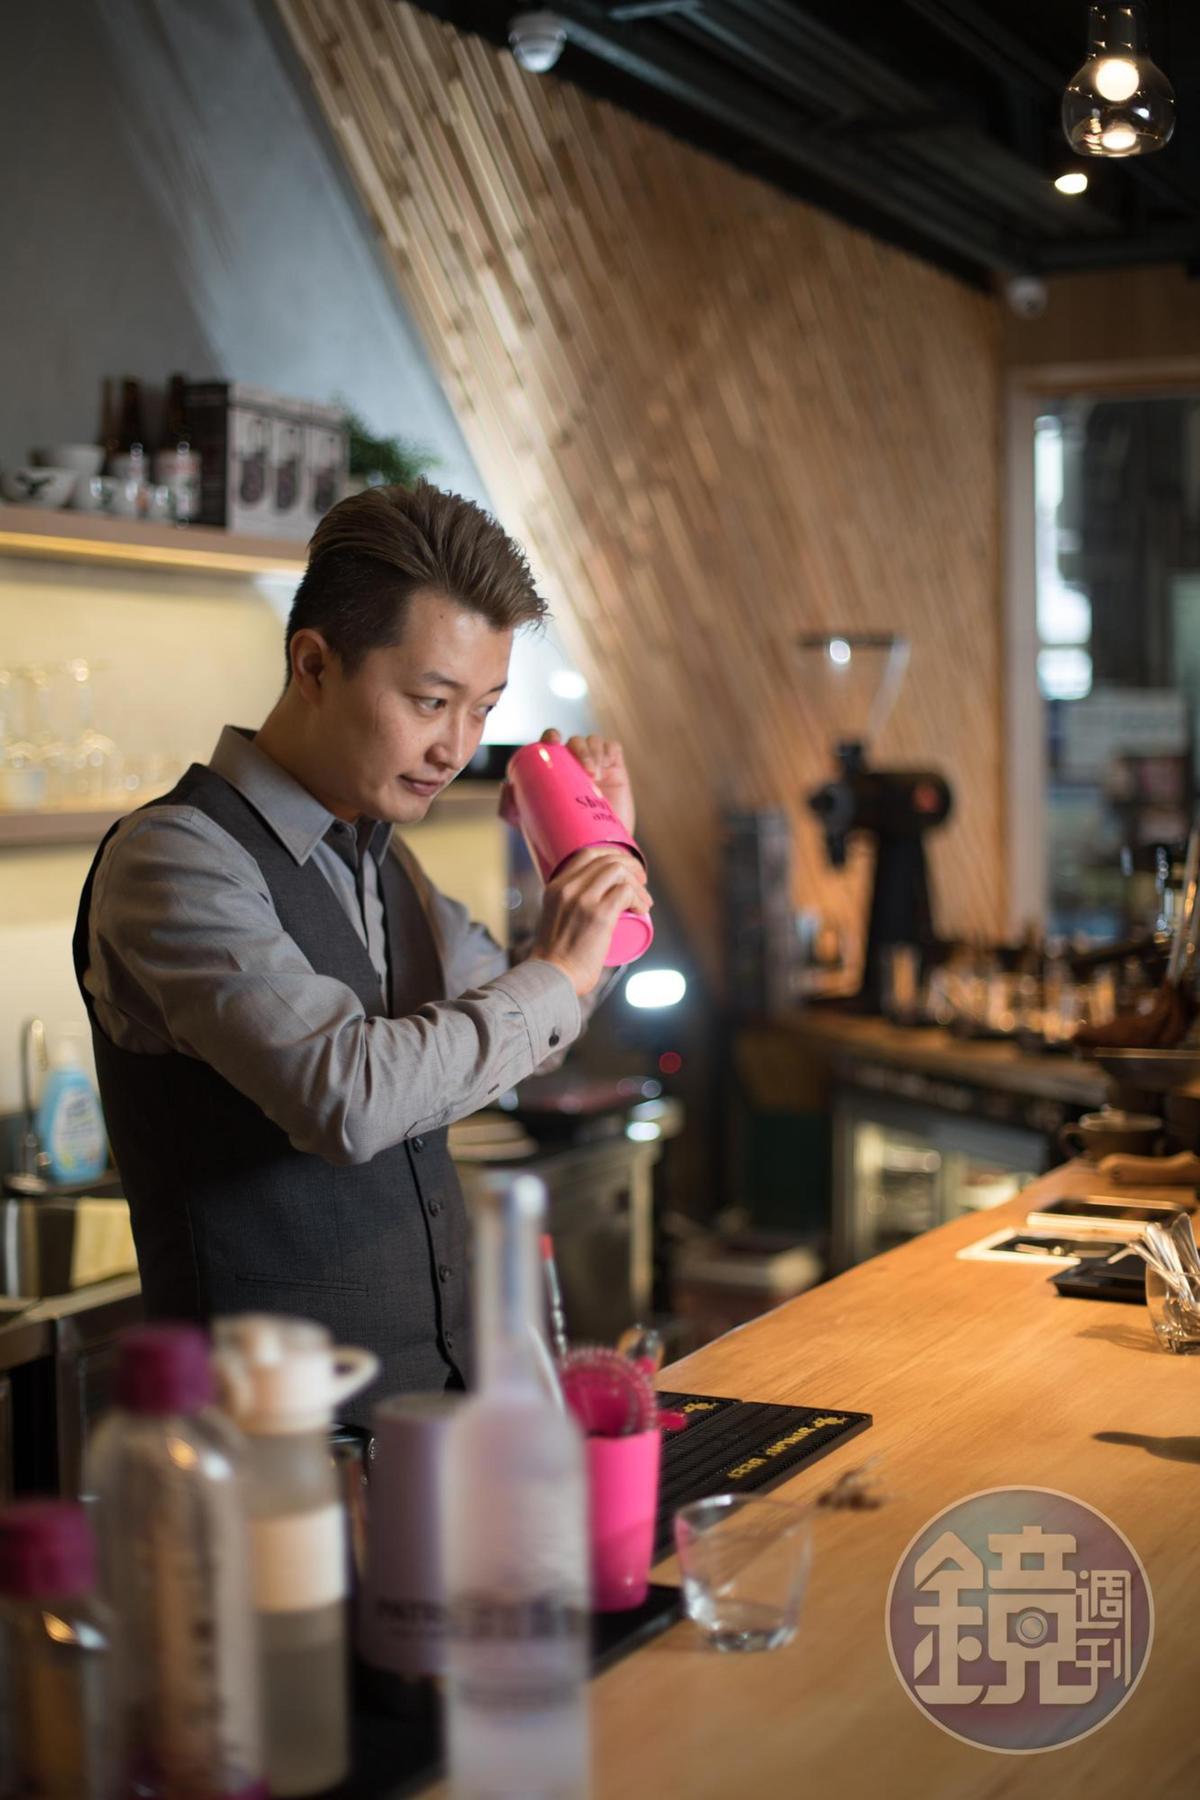 調酒師熊安淇喜歡和客人互動,能依客人心情製做特調。